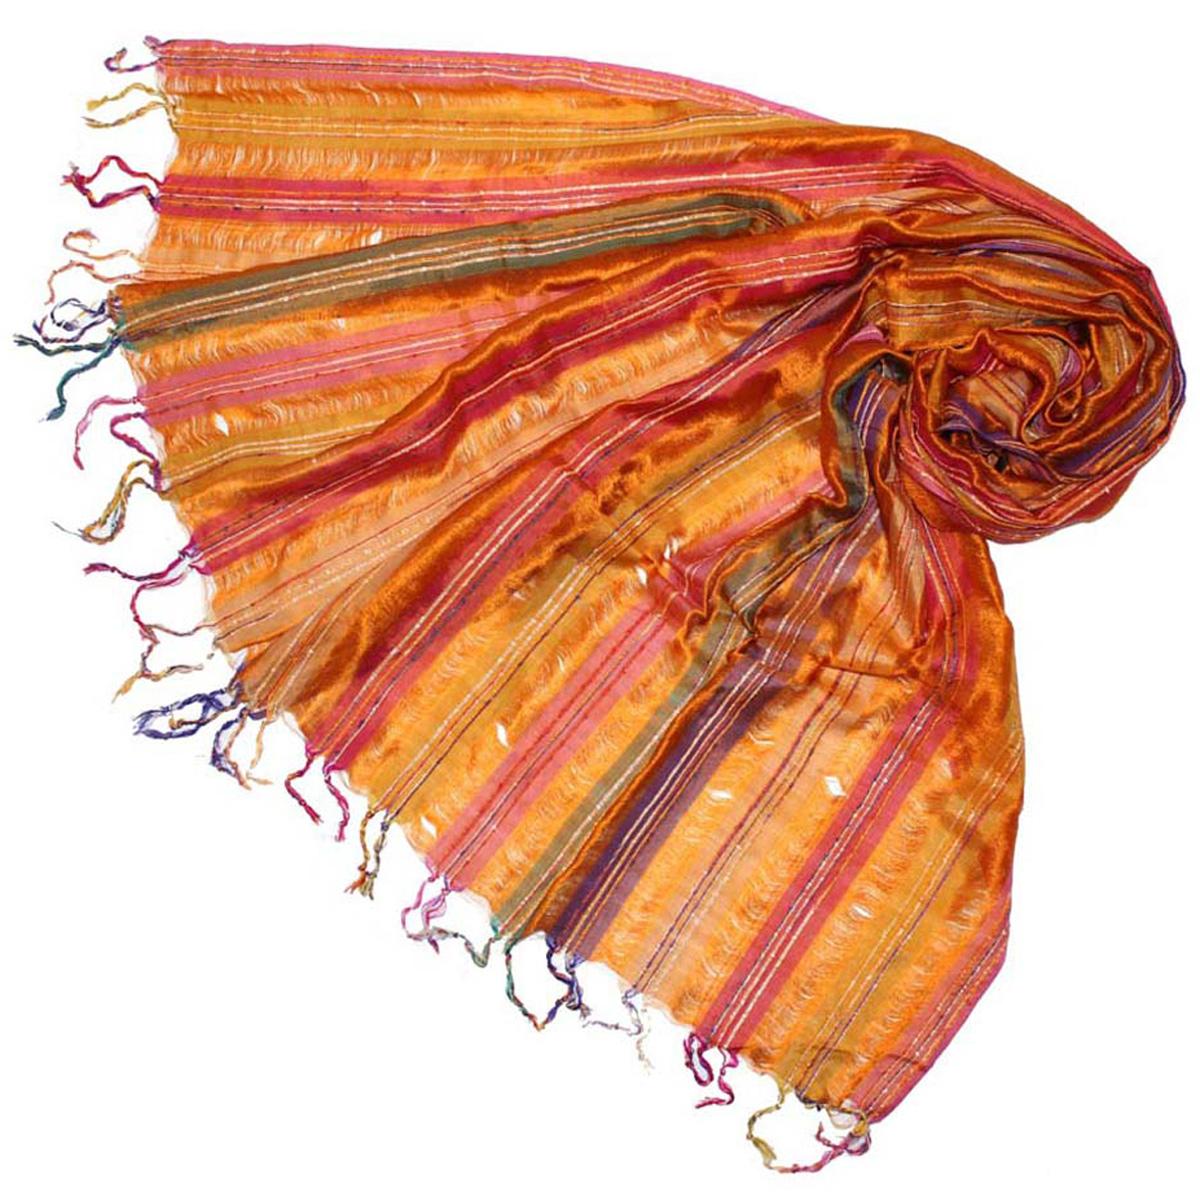 Шарф женский Ethnica, цвет: оранжевый, мультиколор. 589200. Размер 55 см х 180 см589200Стильный шарф привлекательной расцветки с кисточками по краю изготовлен из 100% шелка. Он удачно дополнит ваш гардероб и поможет создать новый повседневный образ, добавить в него яркие краски. Отличный вариант для тех, кто стремится к самовыражению и новизне!